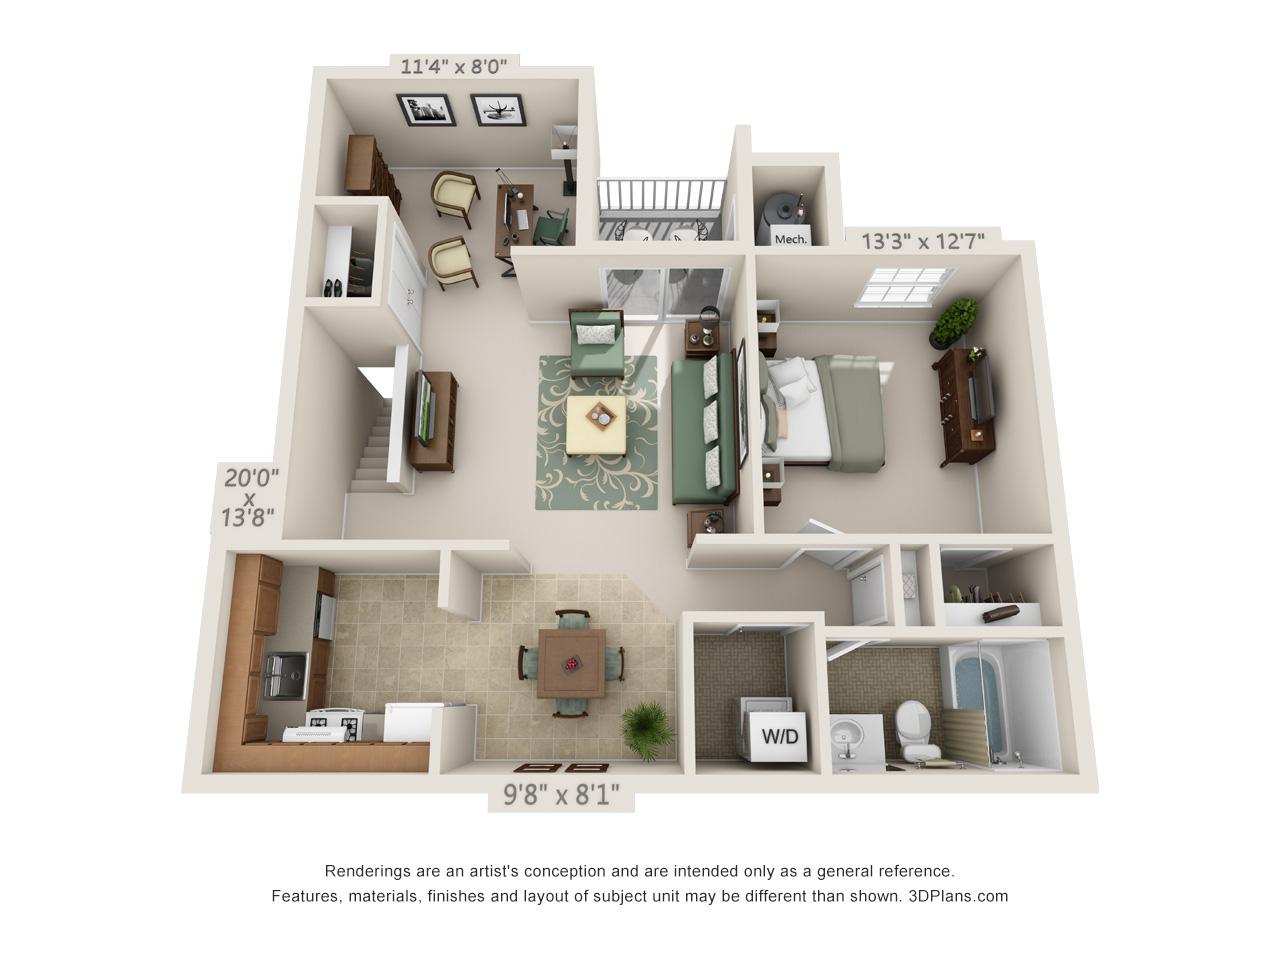 1 bedroom mount laurel apartments